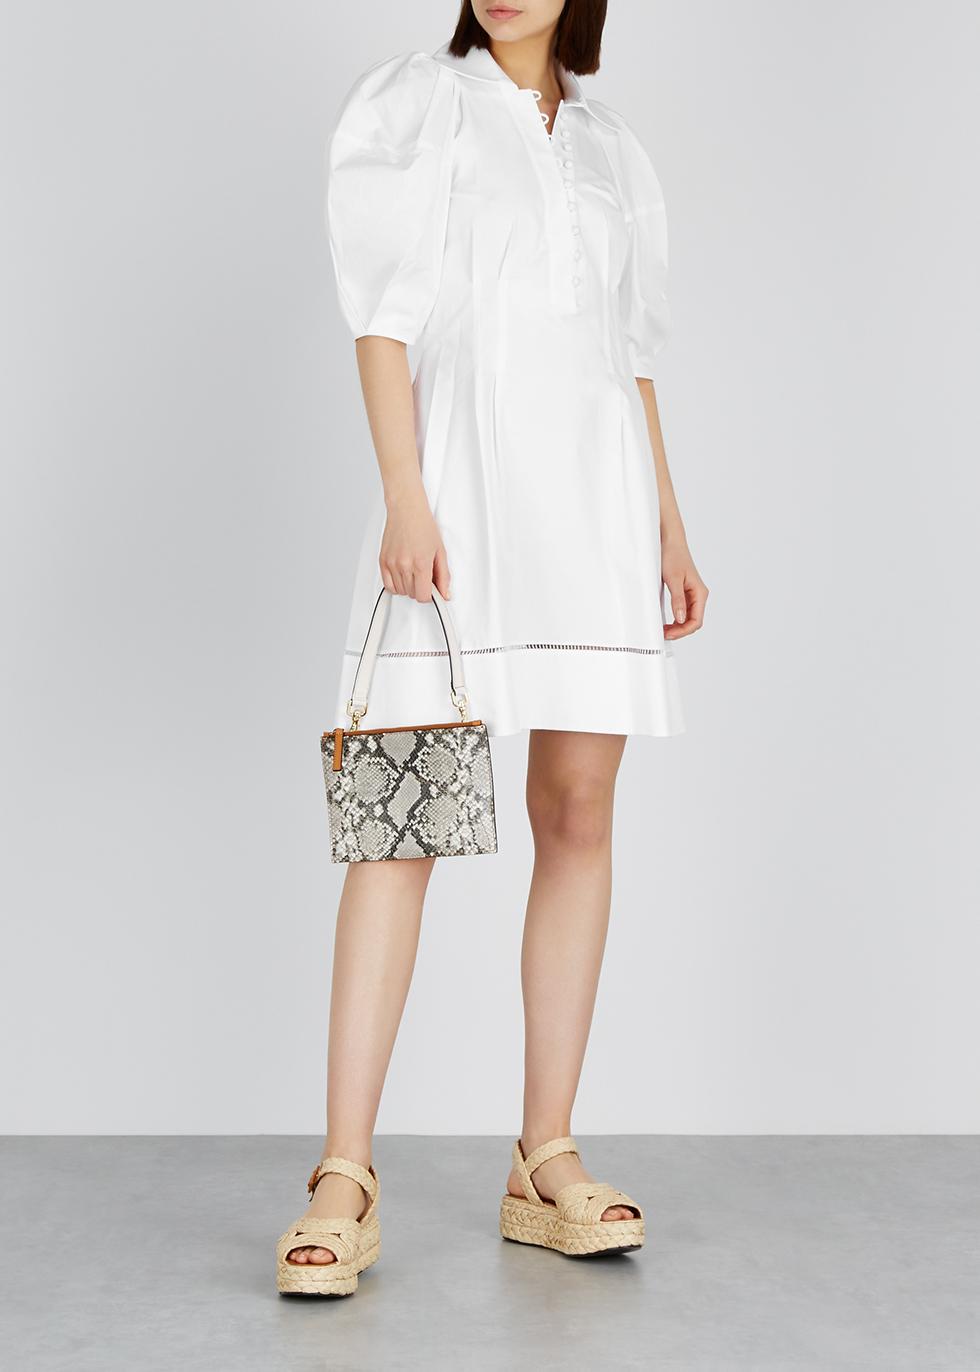 Carlina white cotton dress - Khaite